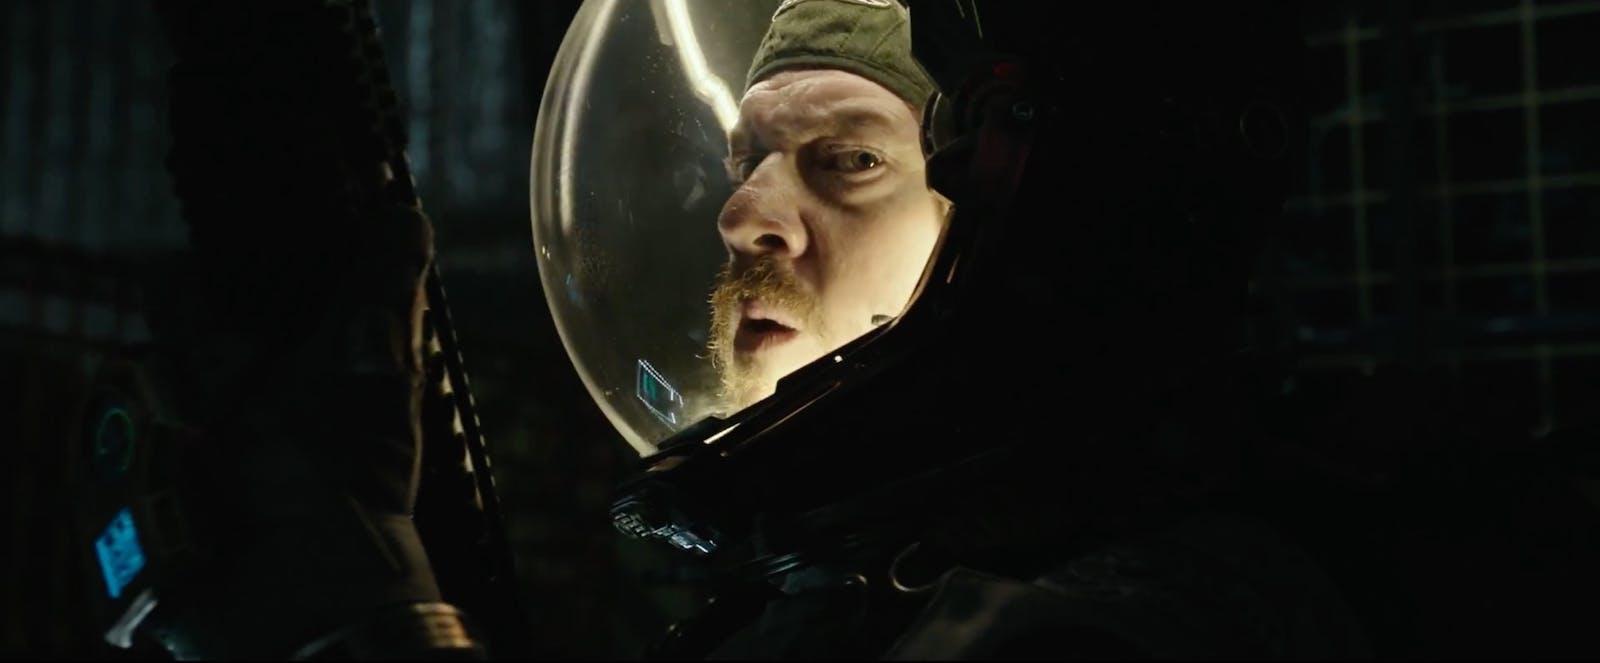 Intervju: Danny McBride om komedin Arizona och Alien